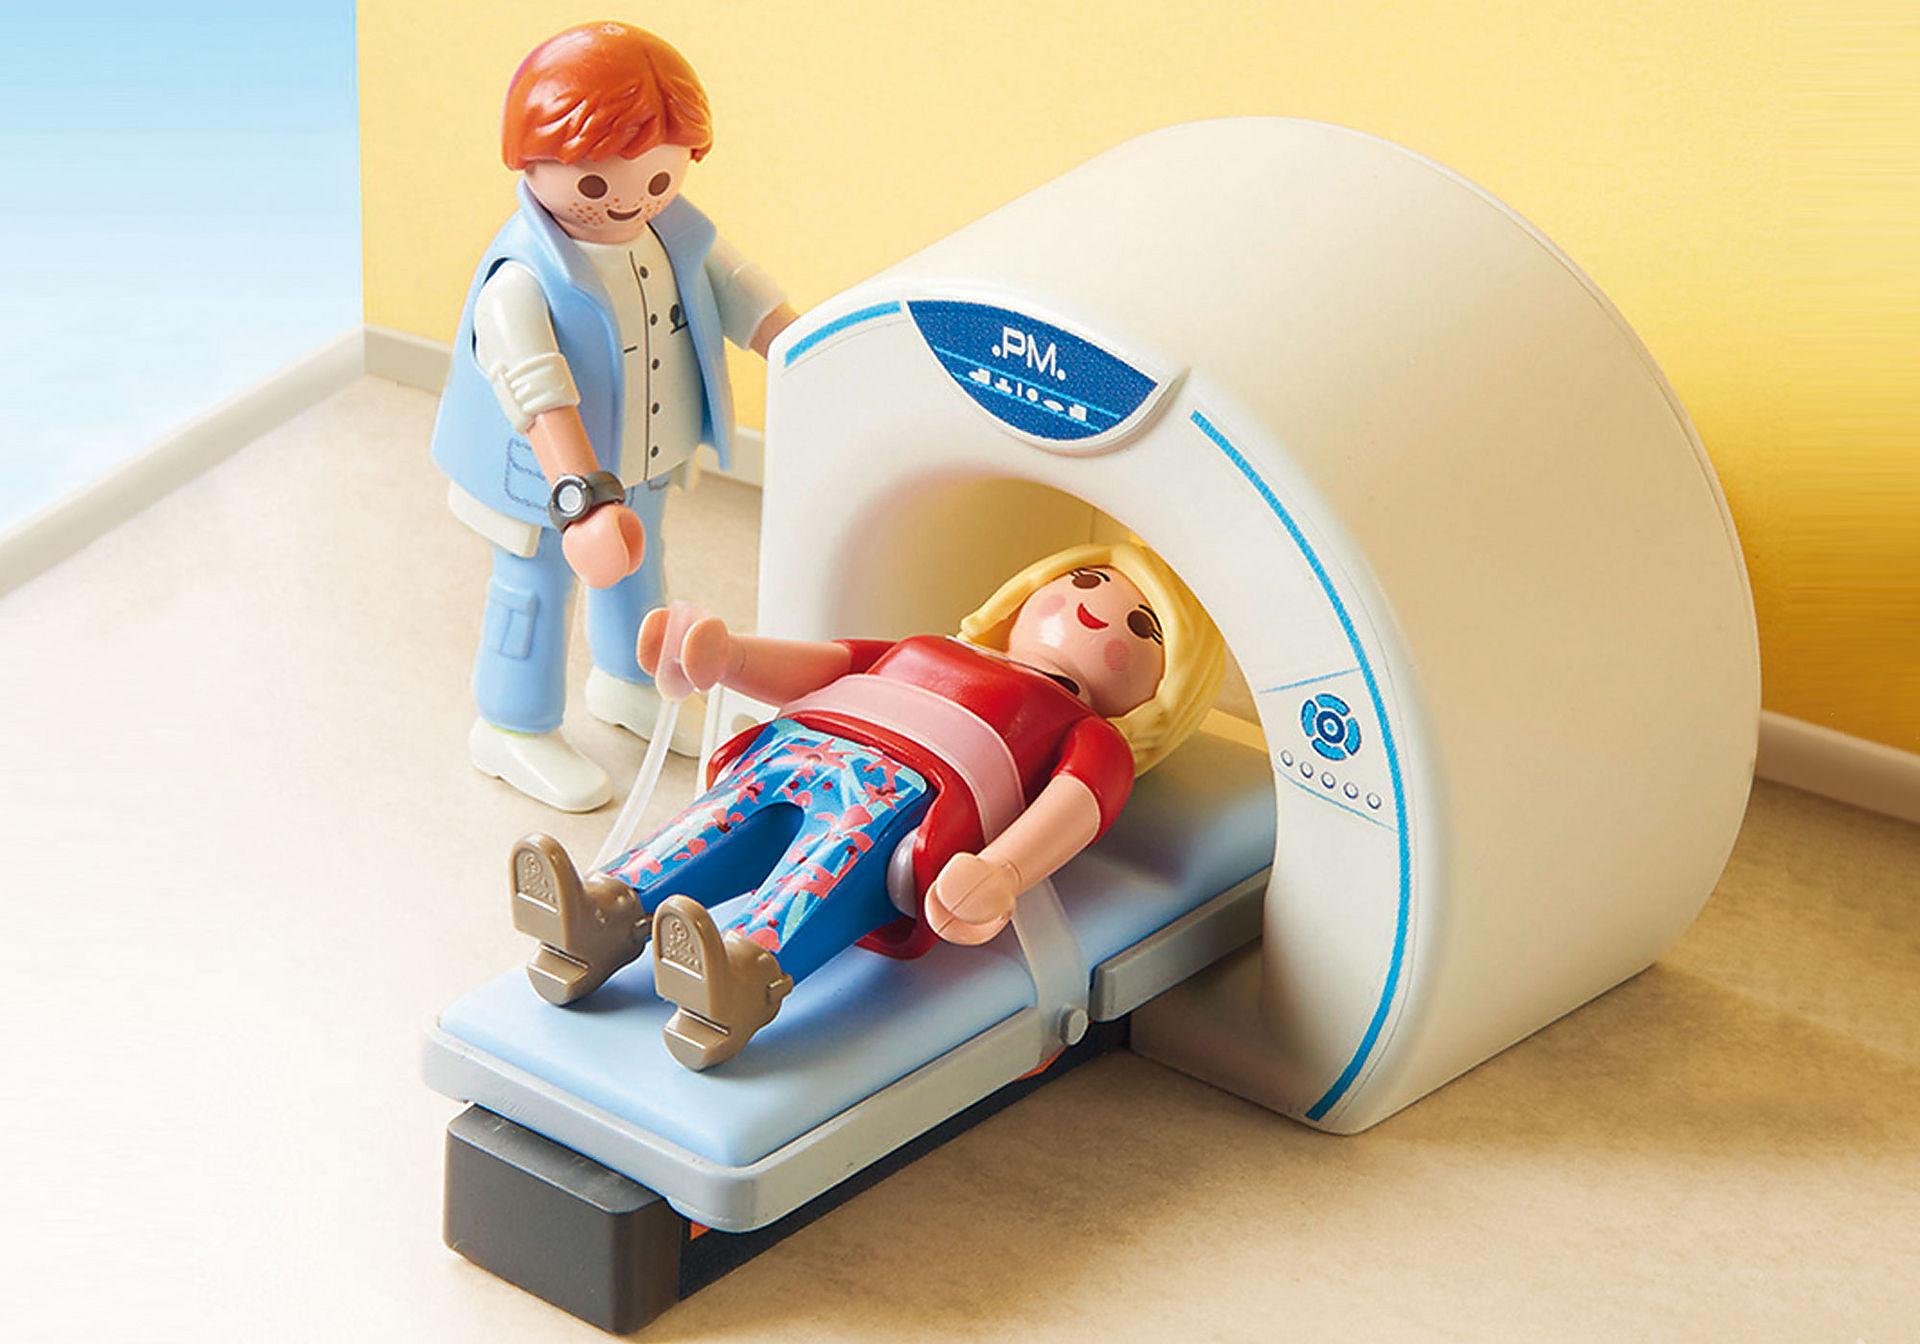 70196 Beim Facharzt: Radiologe zoom image4